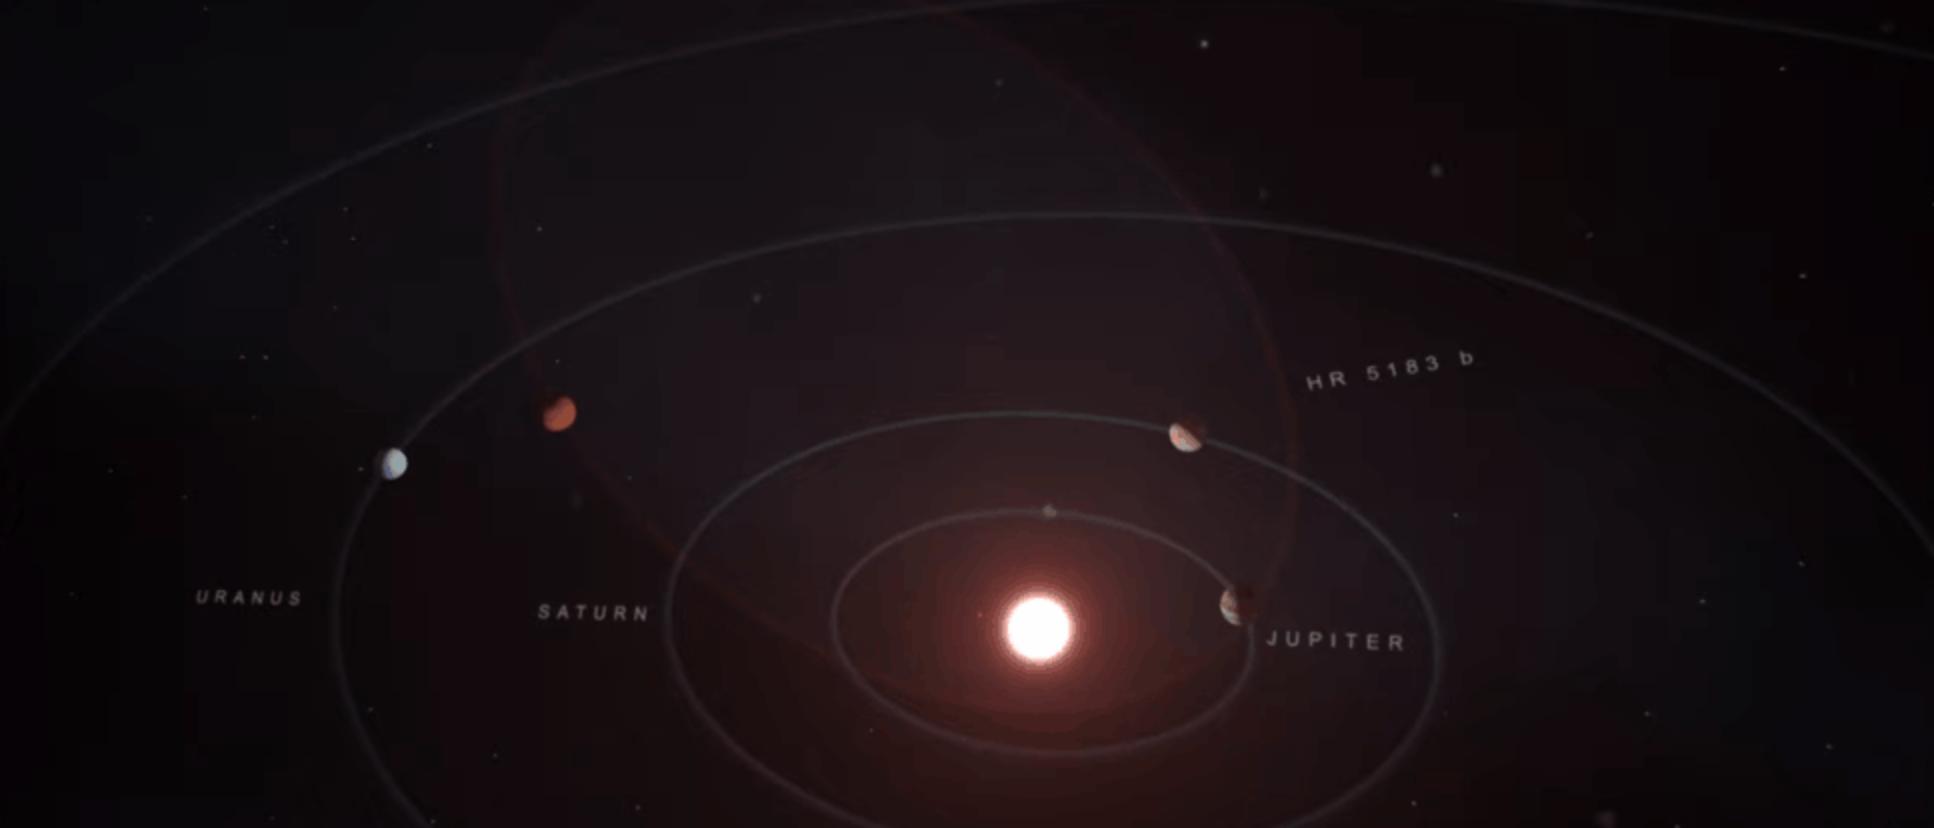 Astrónomos detectan un planeta gigantesco con la órbita más extrema que jamás hayamos visto